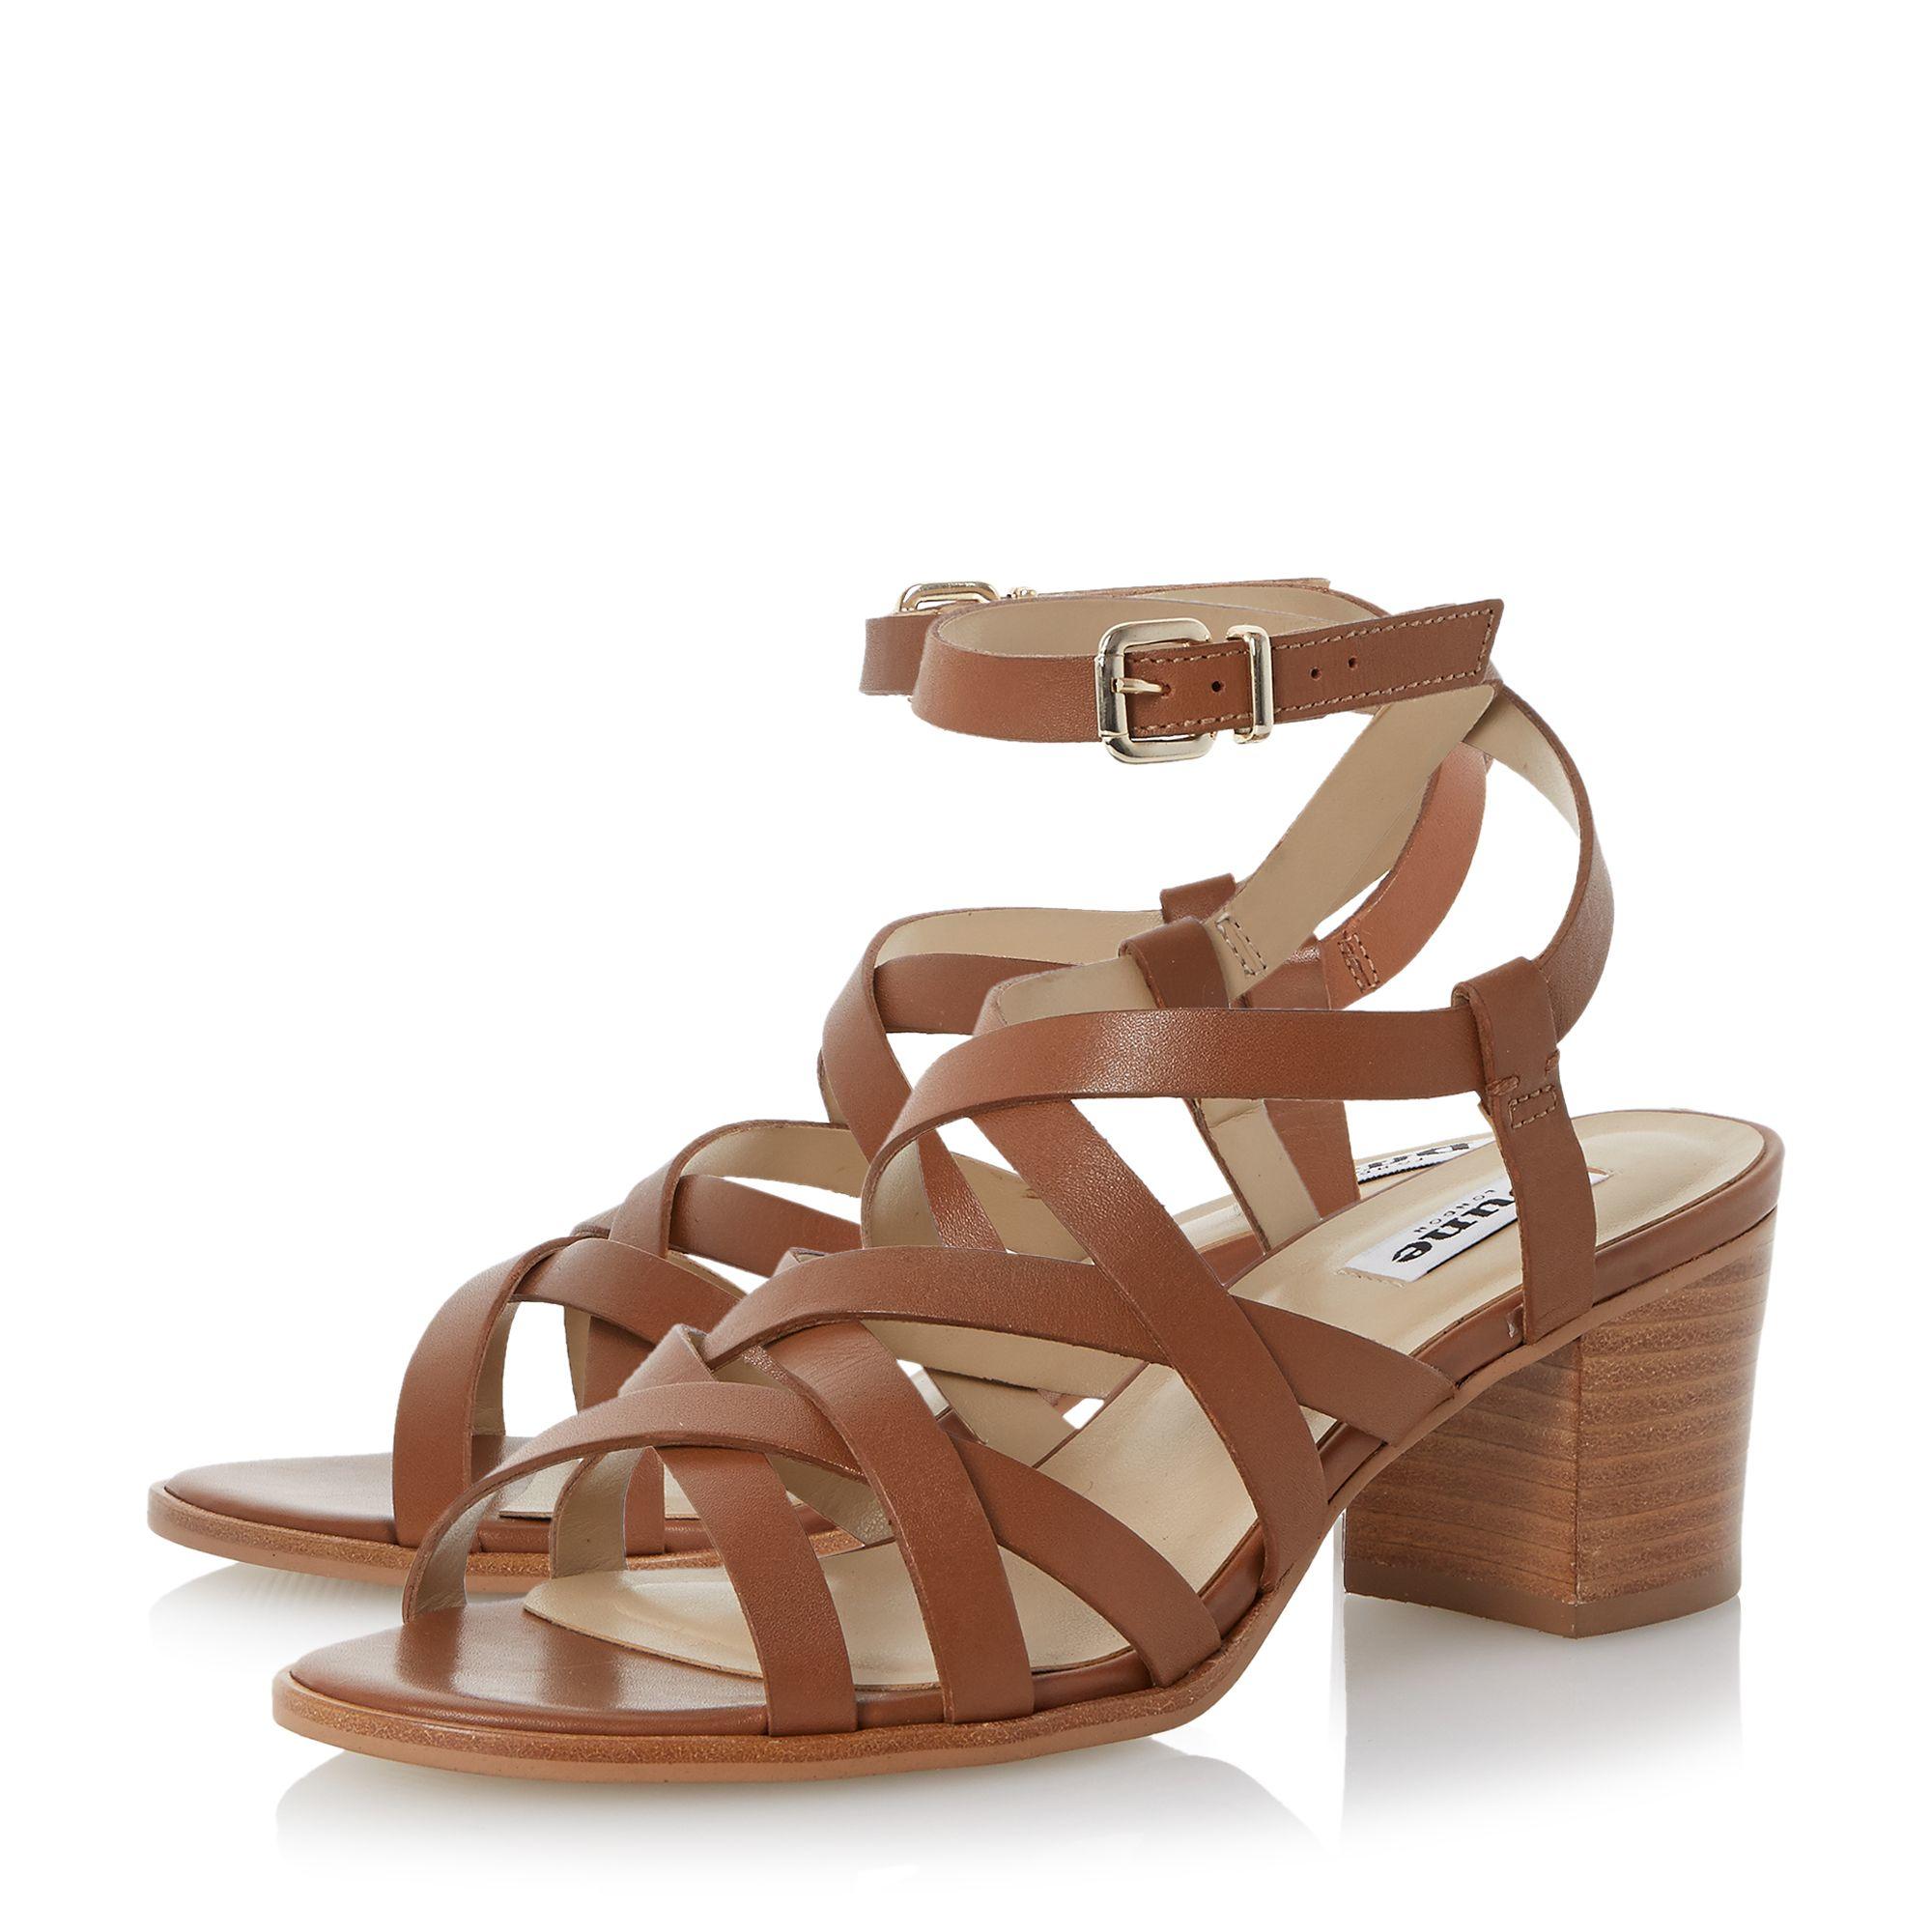 Cheap Gold High Heels For Women | Is Heel - Part 775